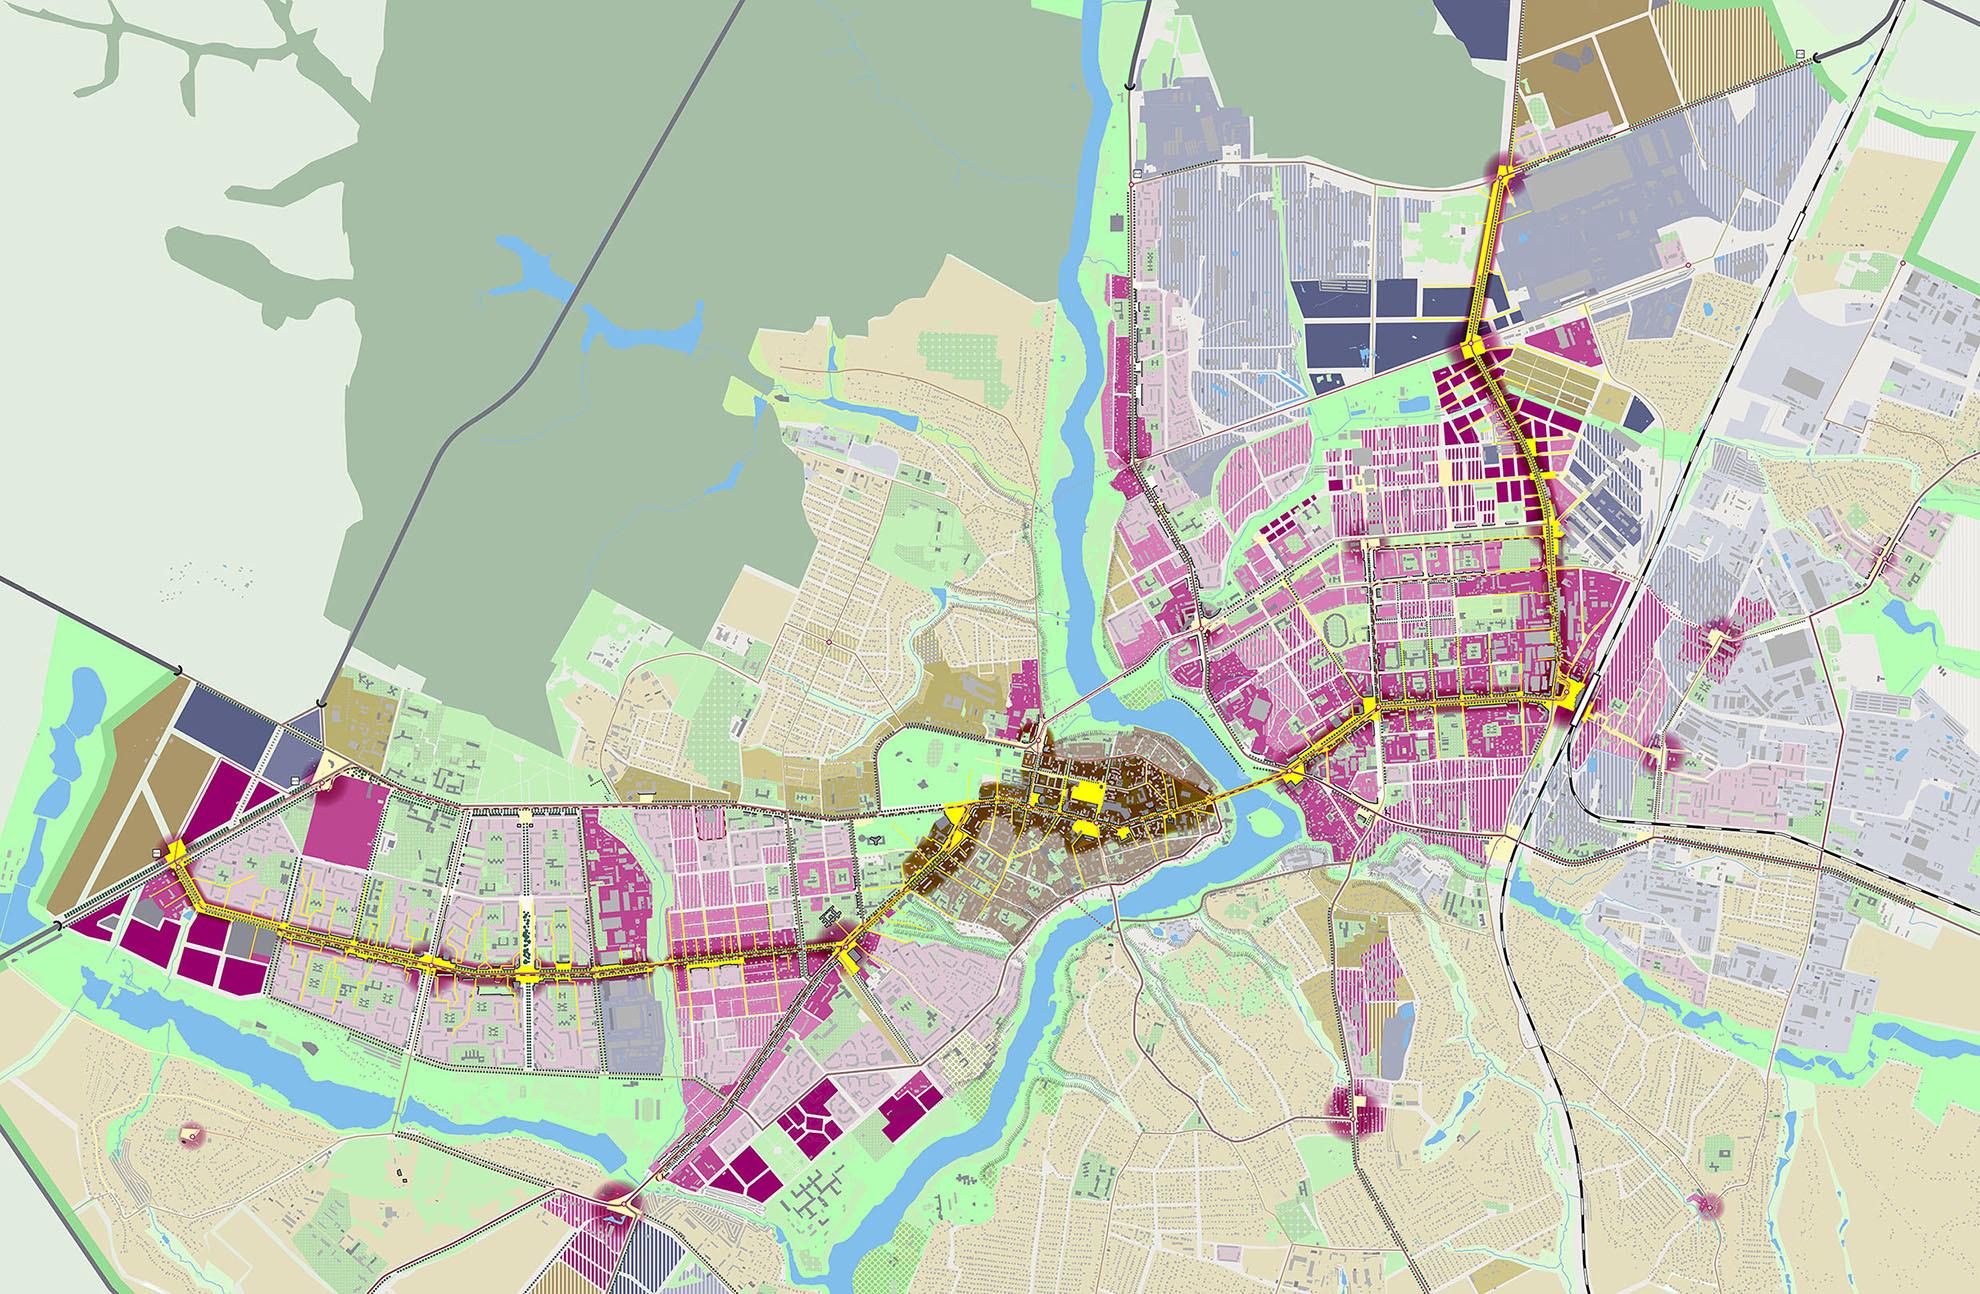 Сучасний розвиток українських міст: приклад Вінниці